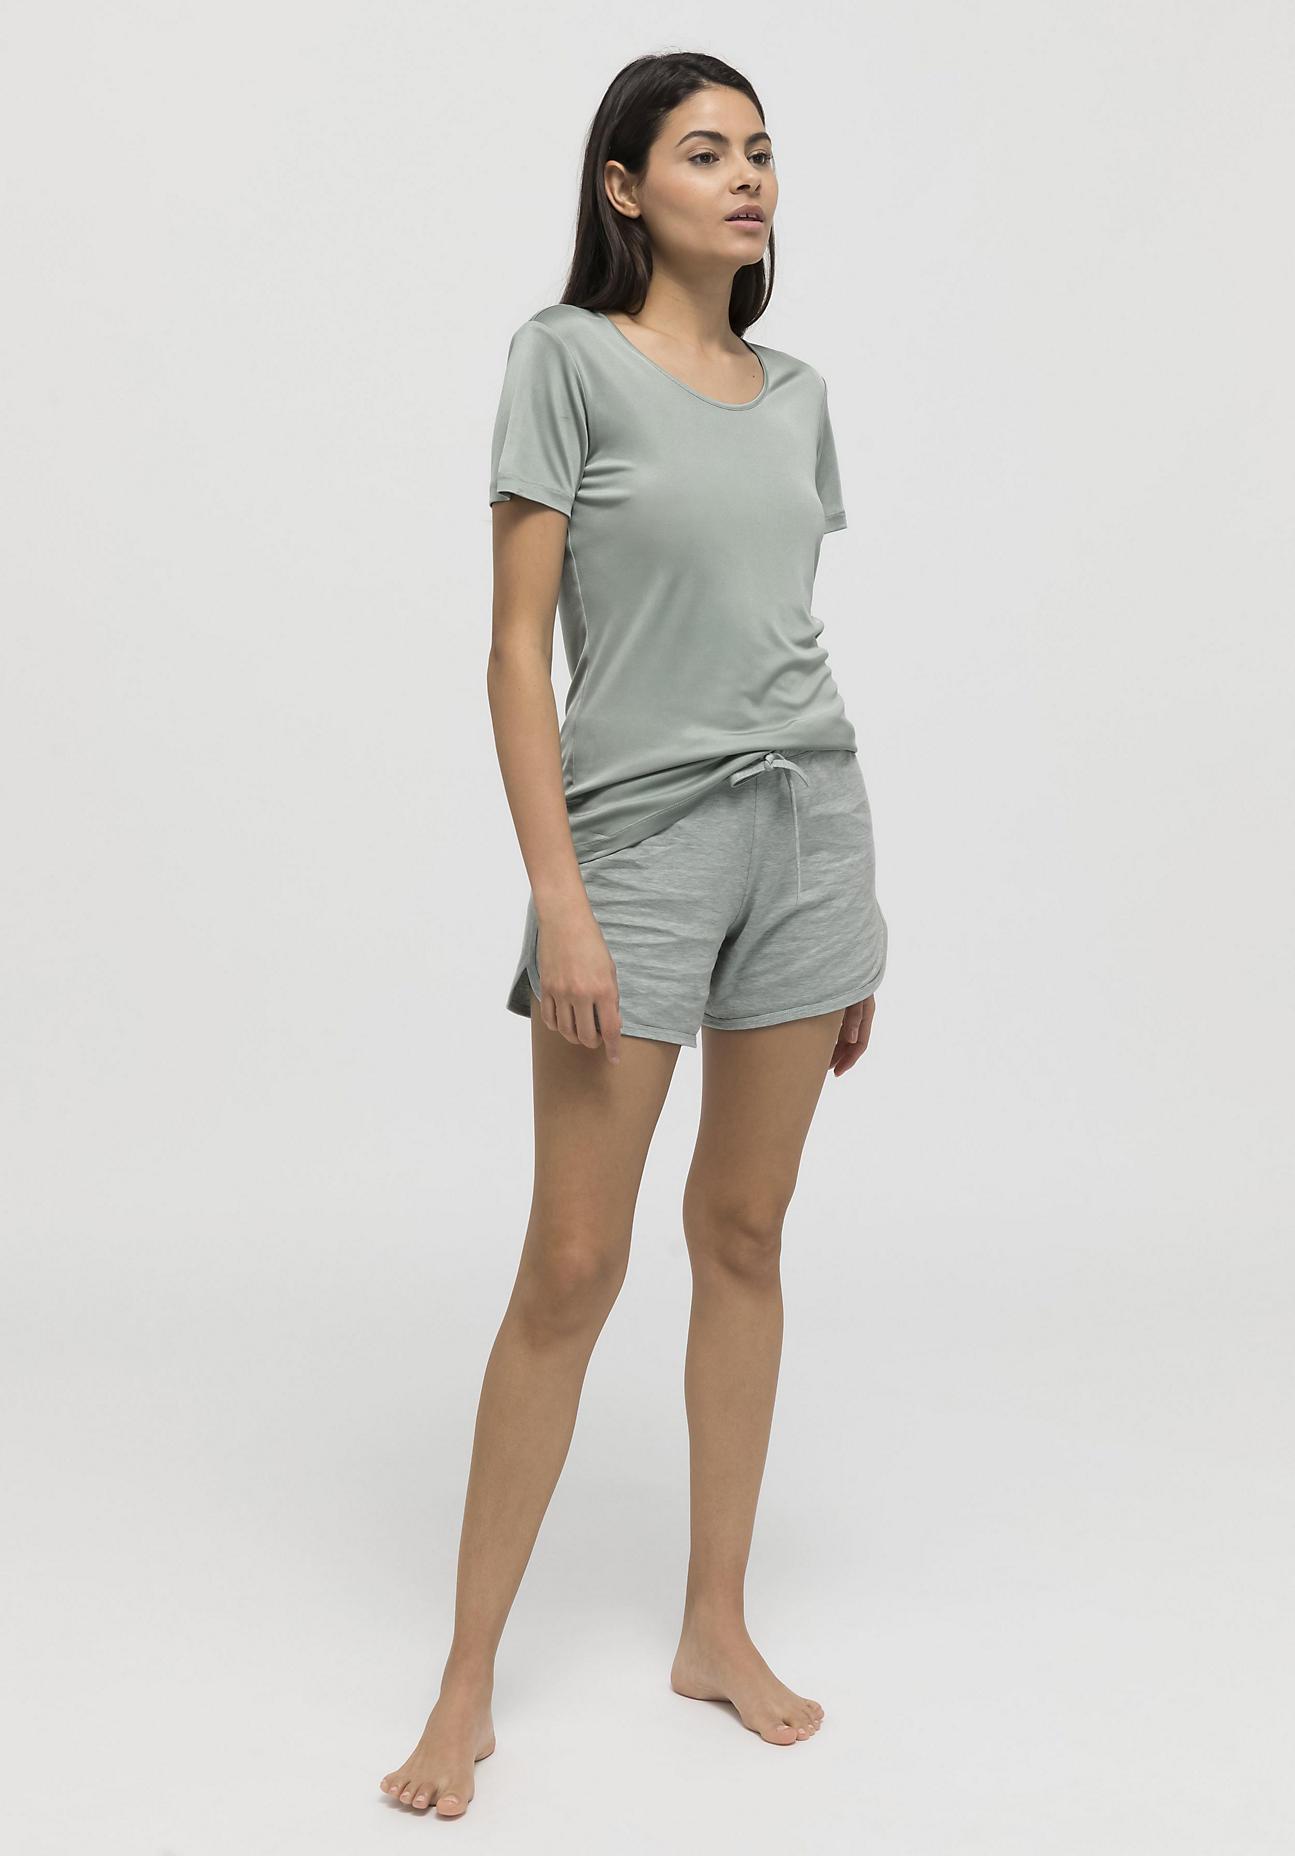 hessnatur Damen Kurzarmshirt aus Bio-Seide - grün Größe 40